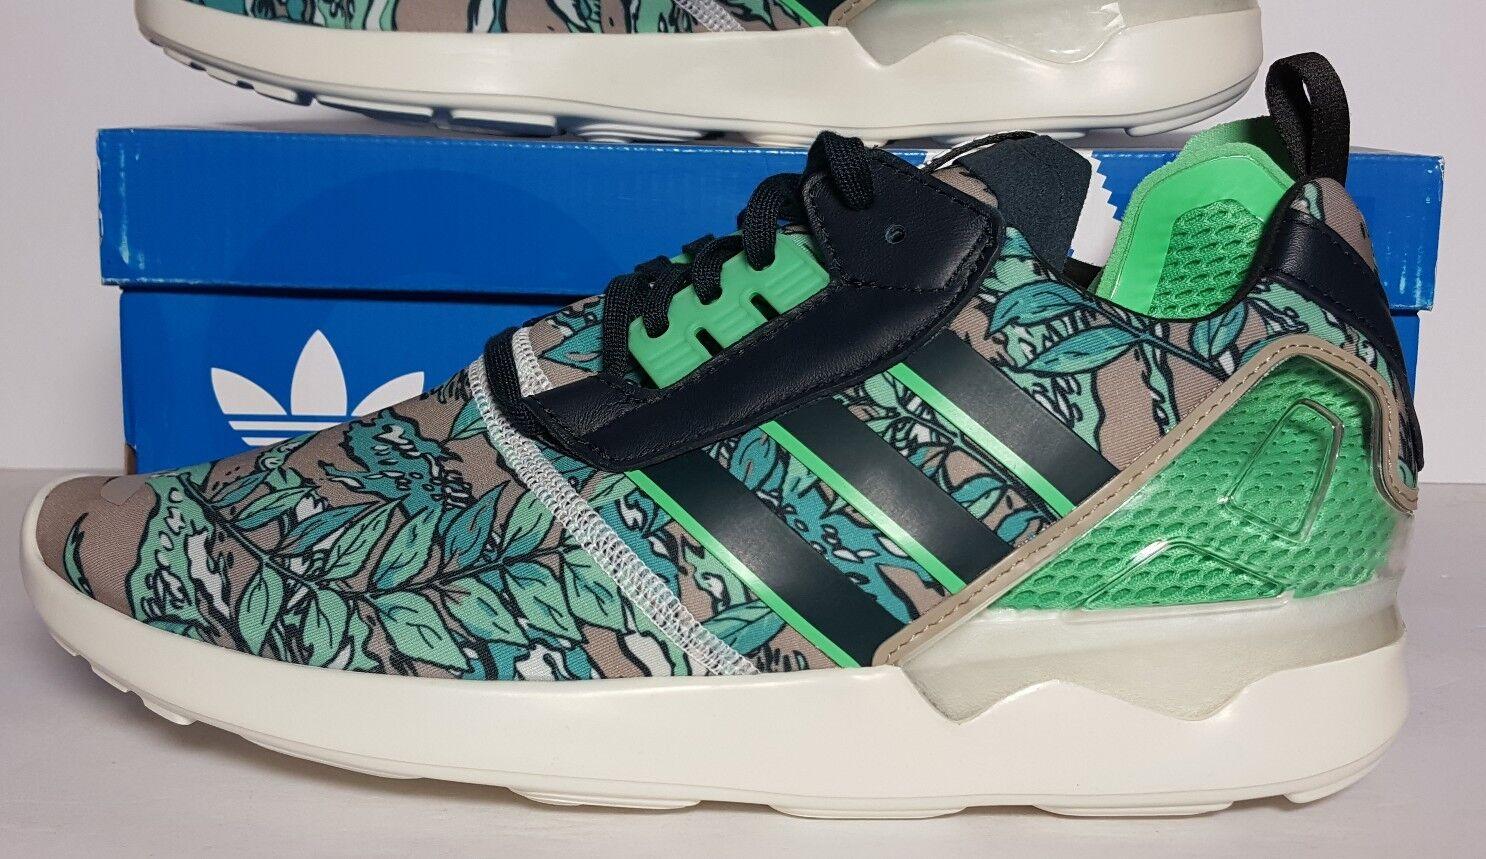 Adidas männer zx 8000 auftrieb hawaiianische camo neue maschenöffnungen 9 und 10 neue camo / box b26364 fc772e